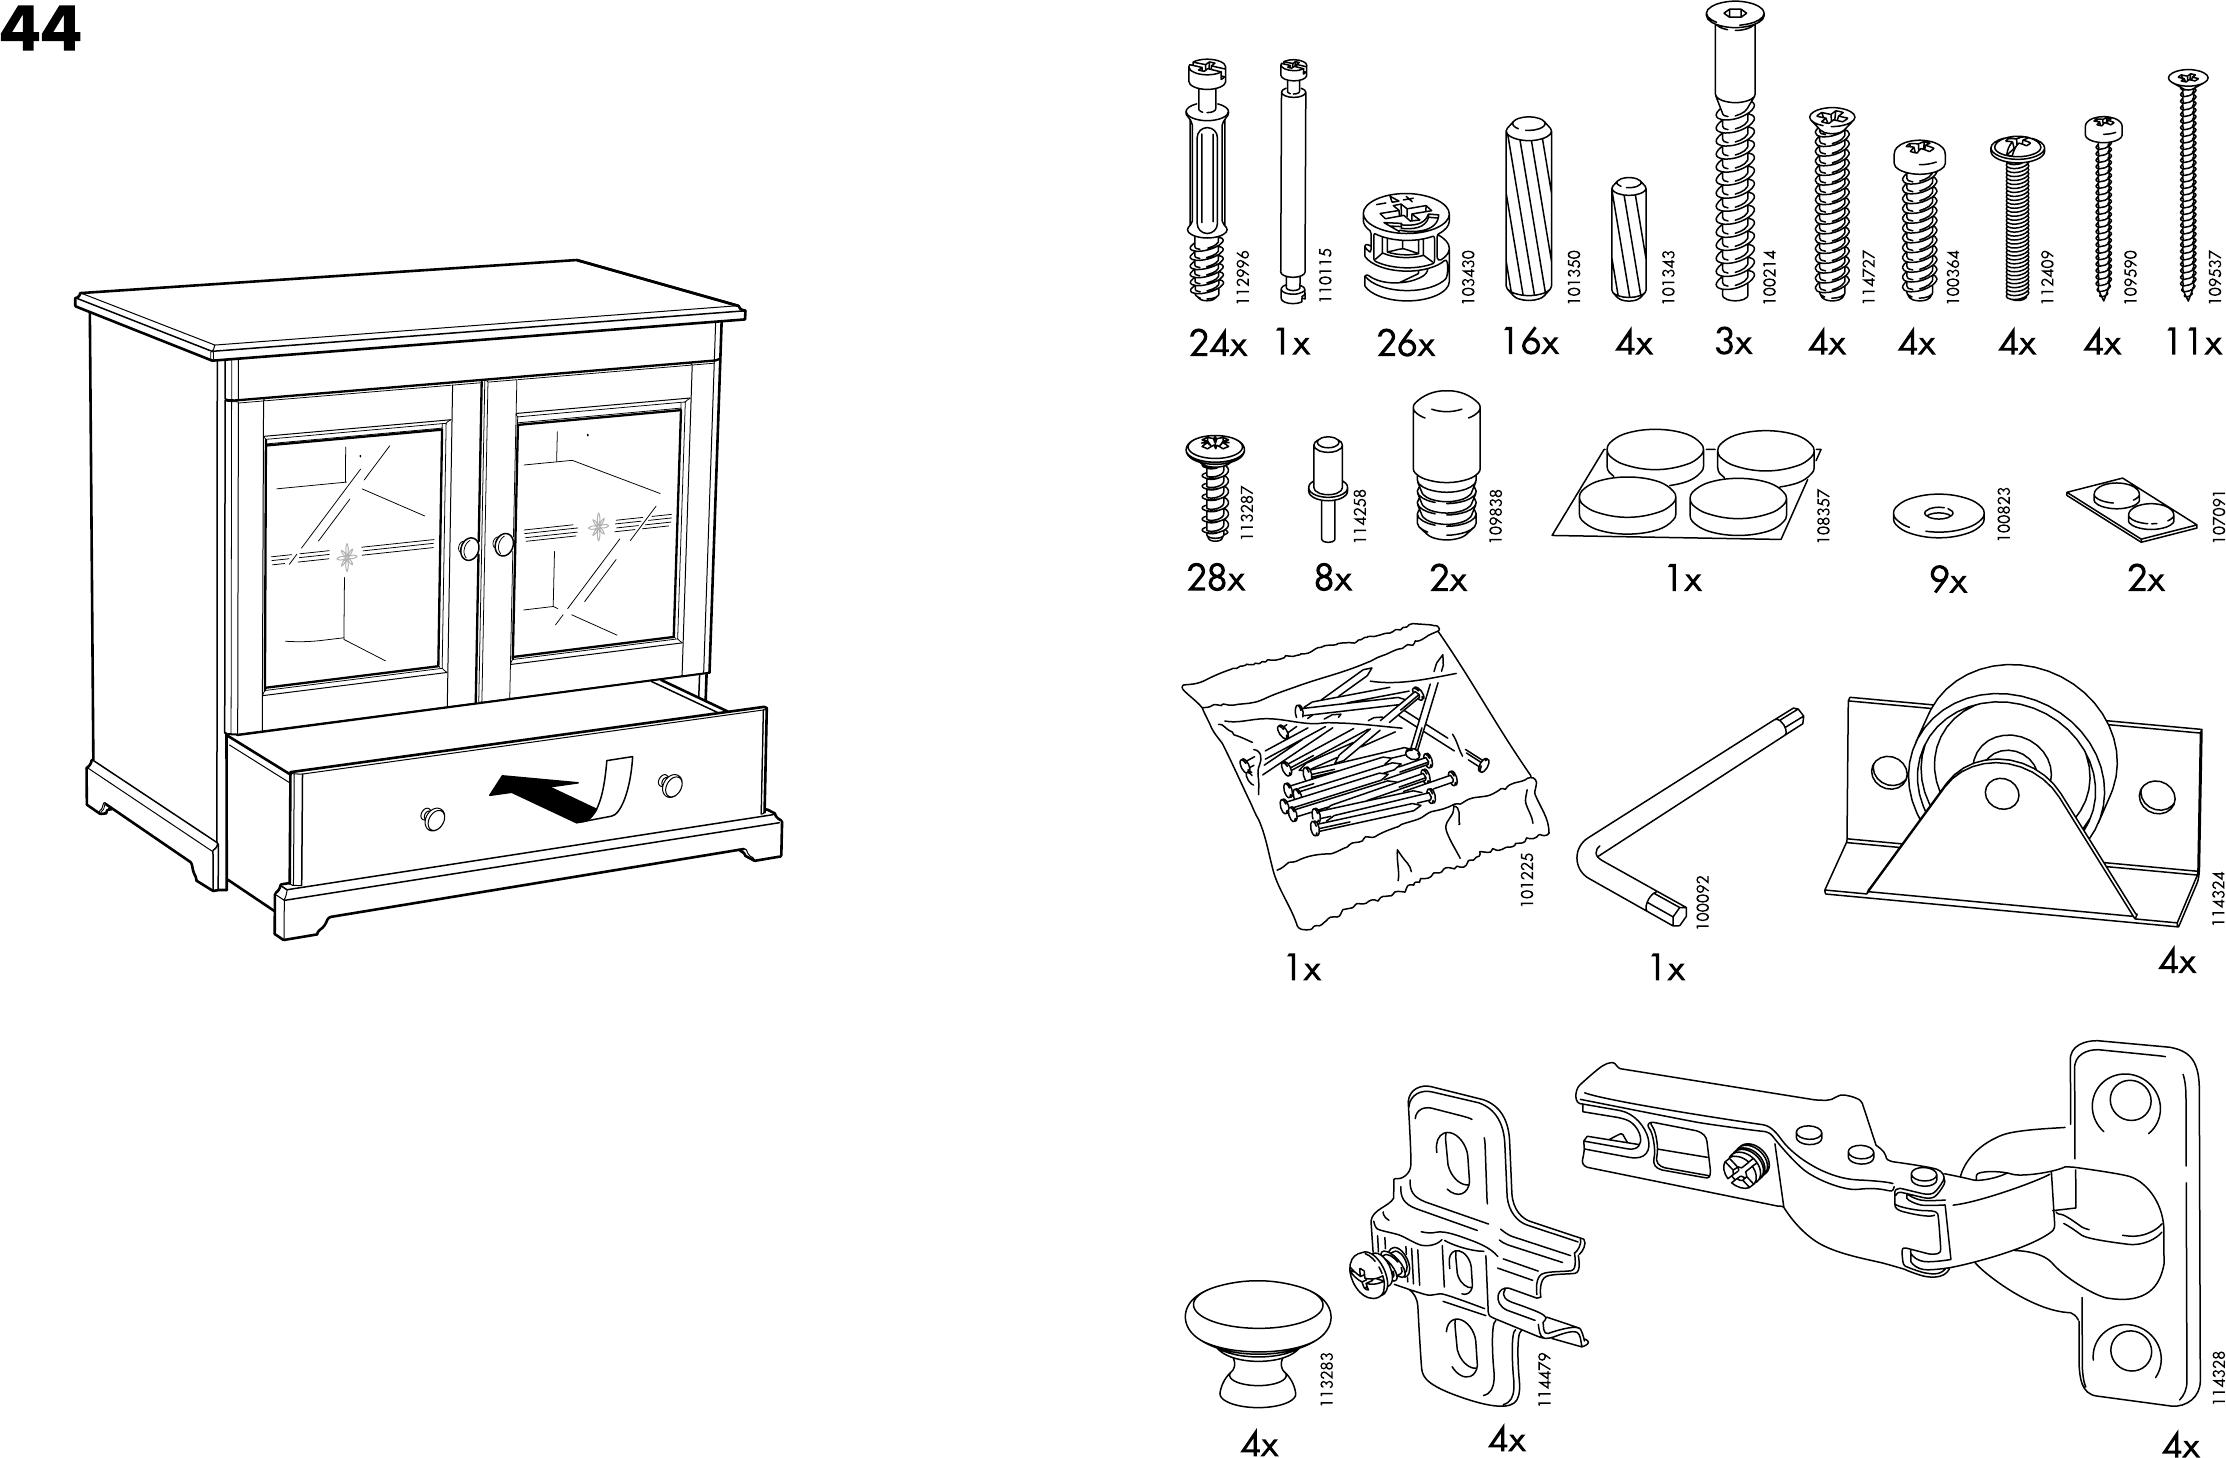 Handleiding Ikea Liatorp Kast Pagina 3 Van 14 Dansk